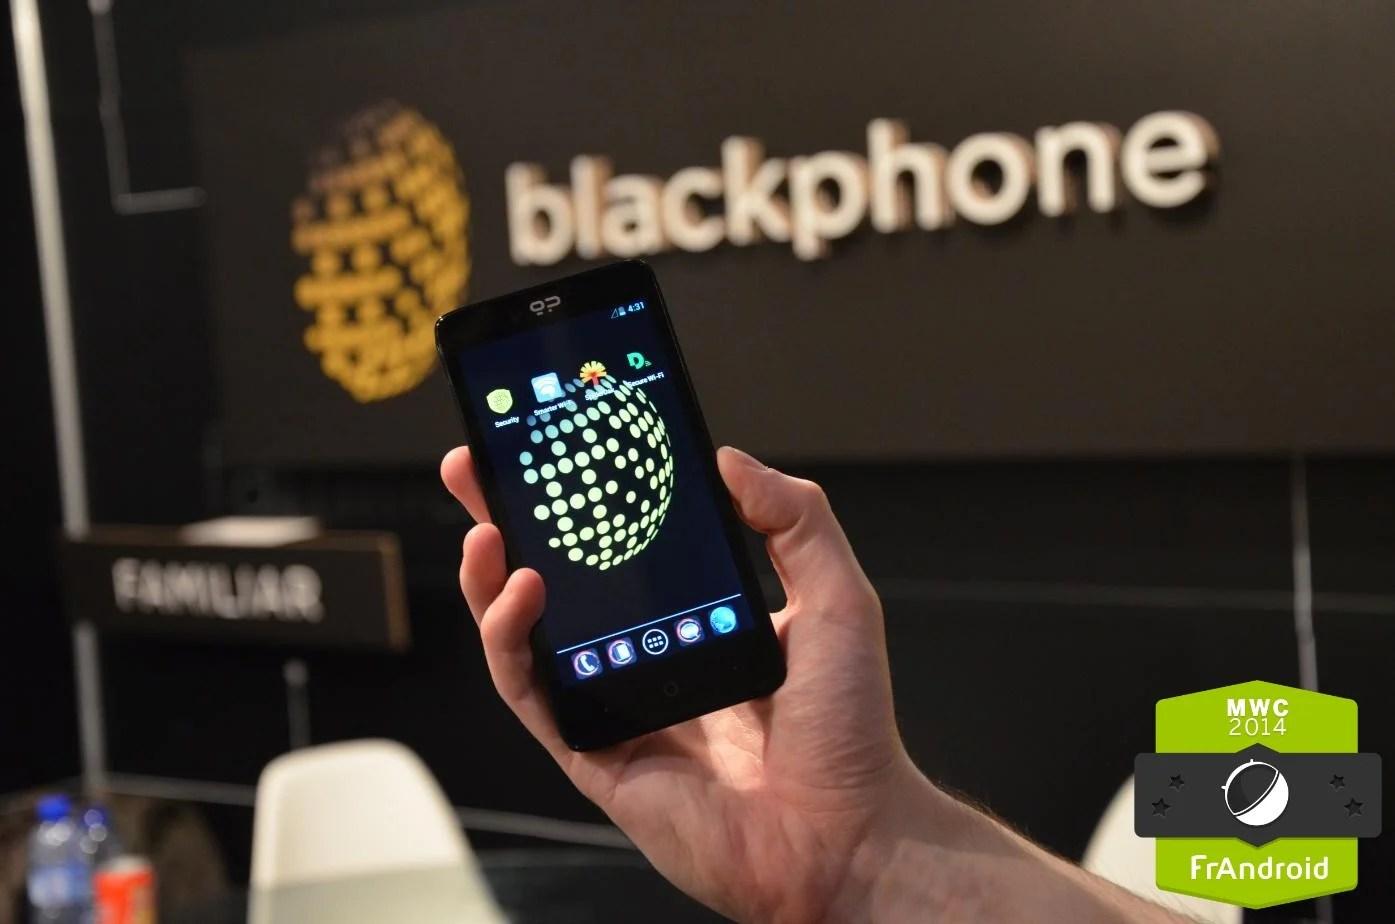 Le Blackphone en Europe pour moins de 600 euros